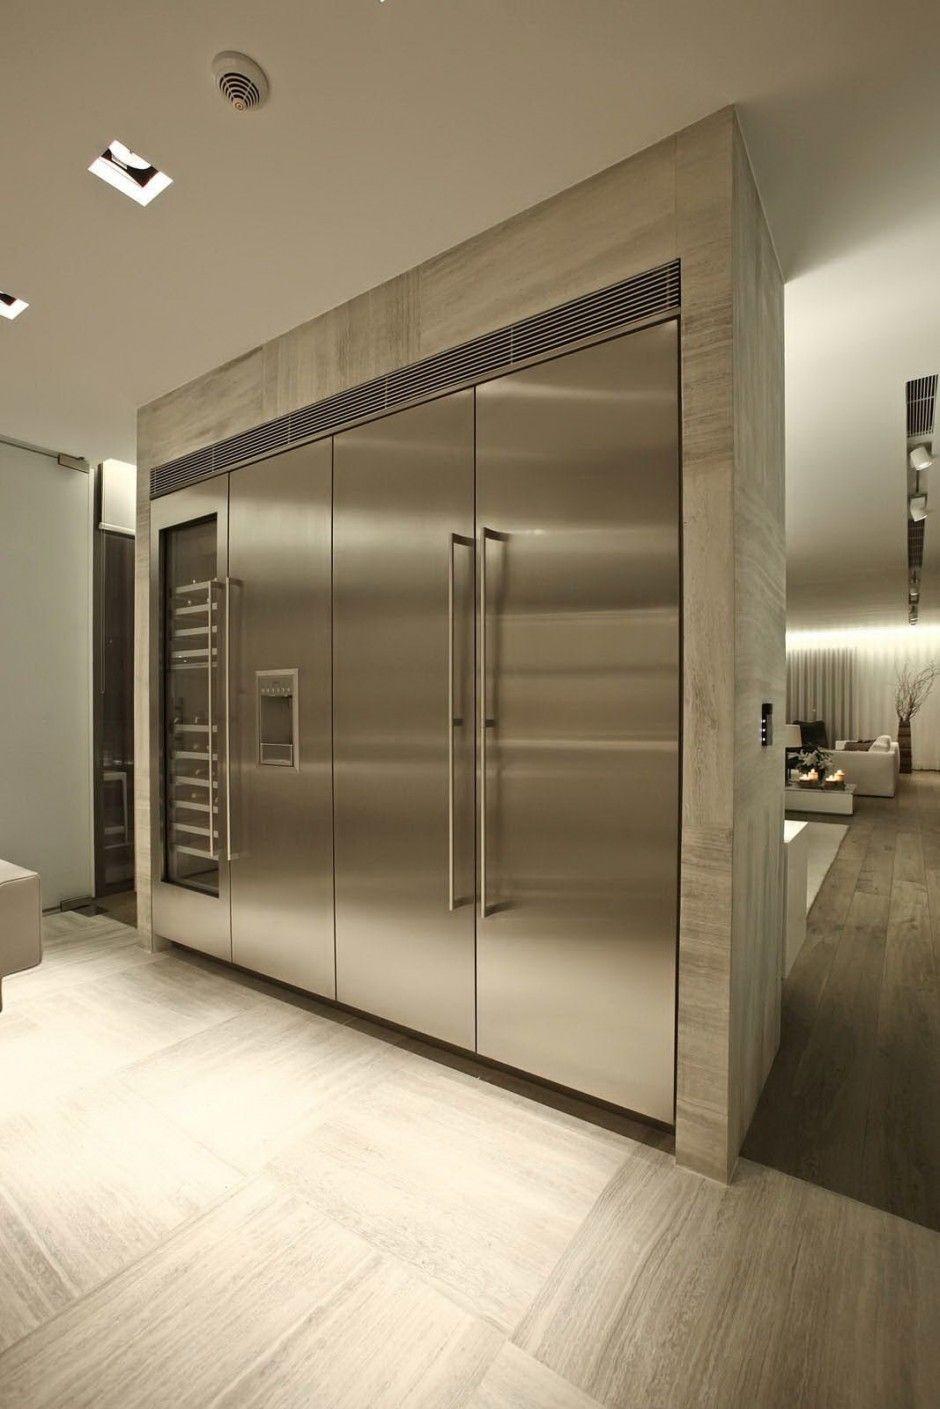 Das ist mal ein Kühlschrank, in den endlich alles reinpasst! / refrigerator wall......fantasy!